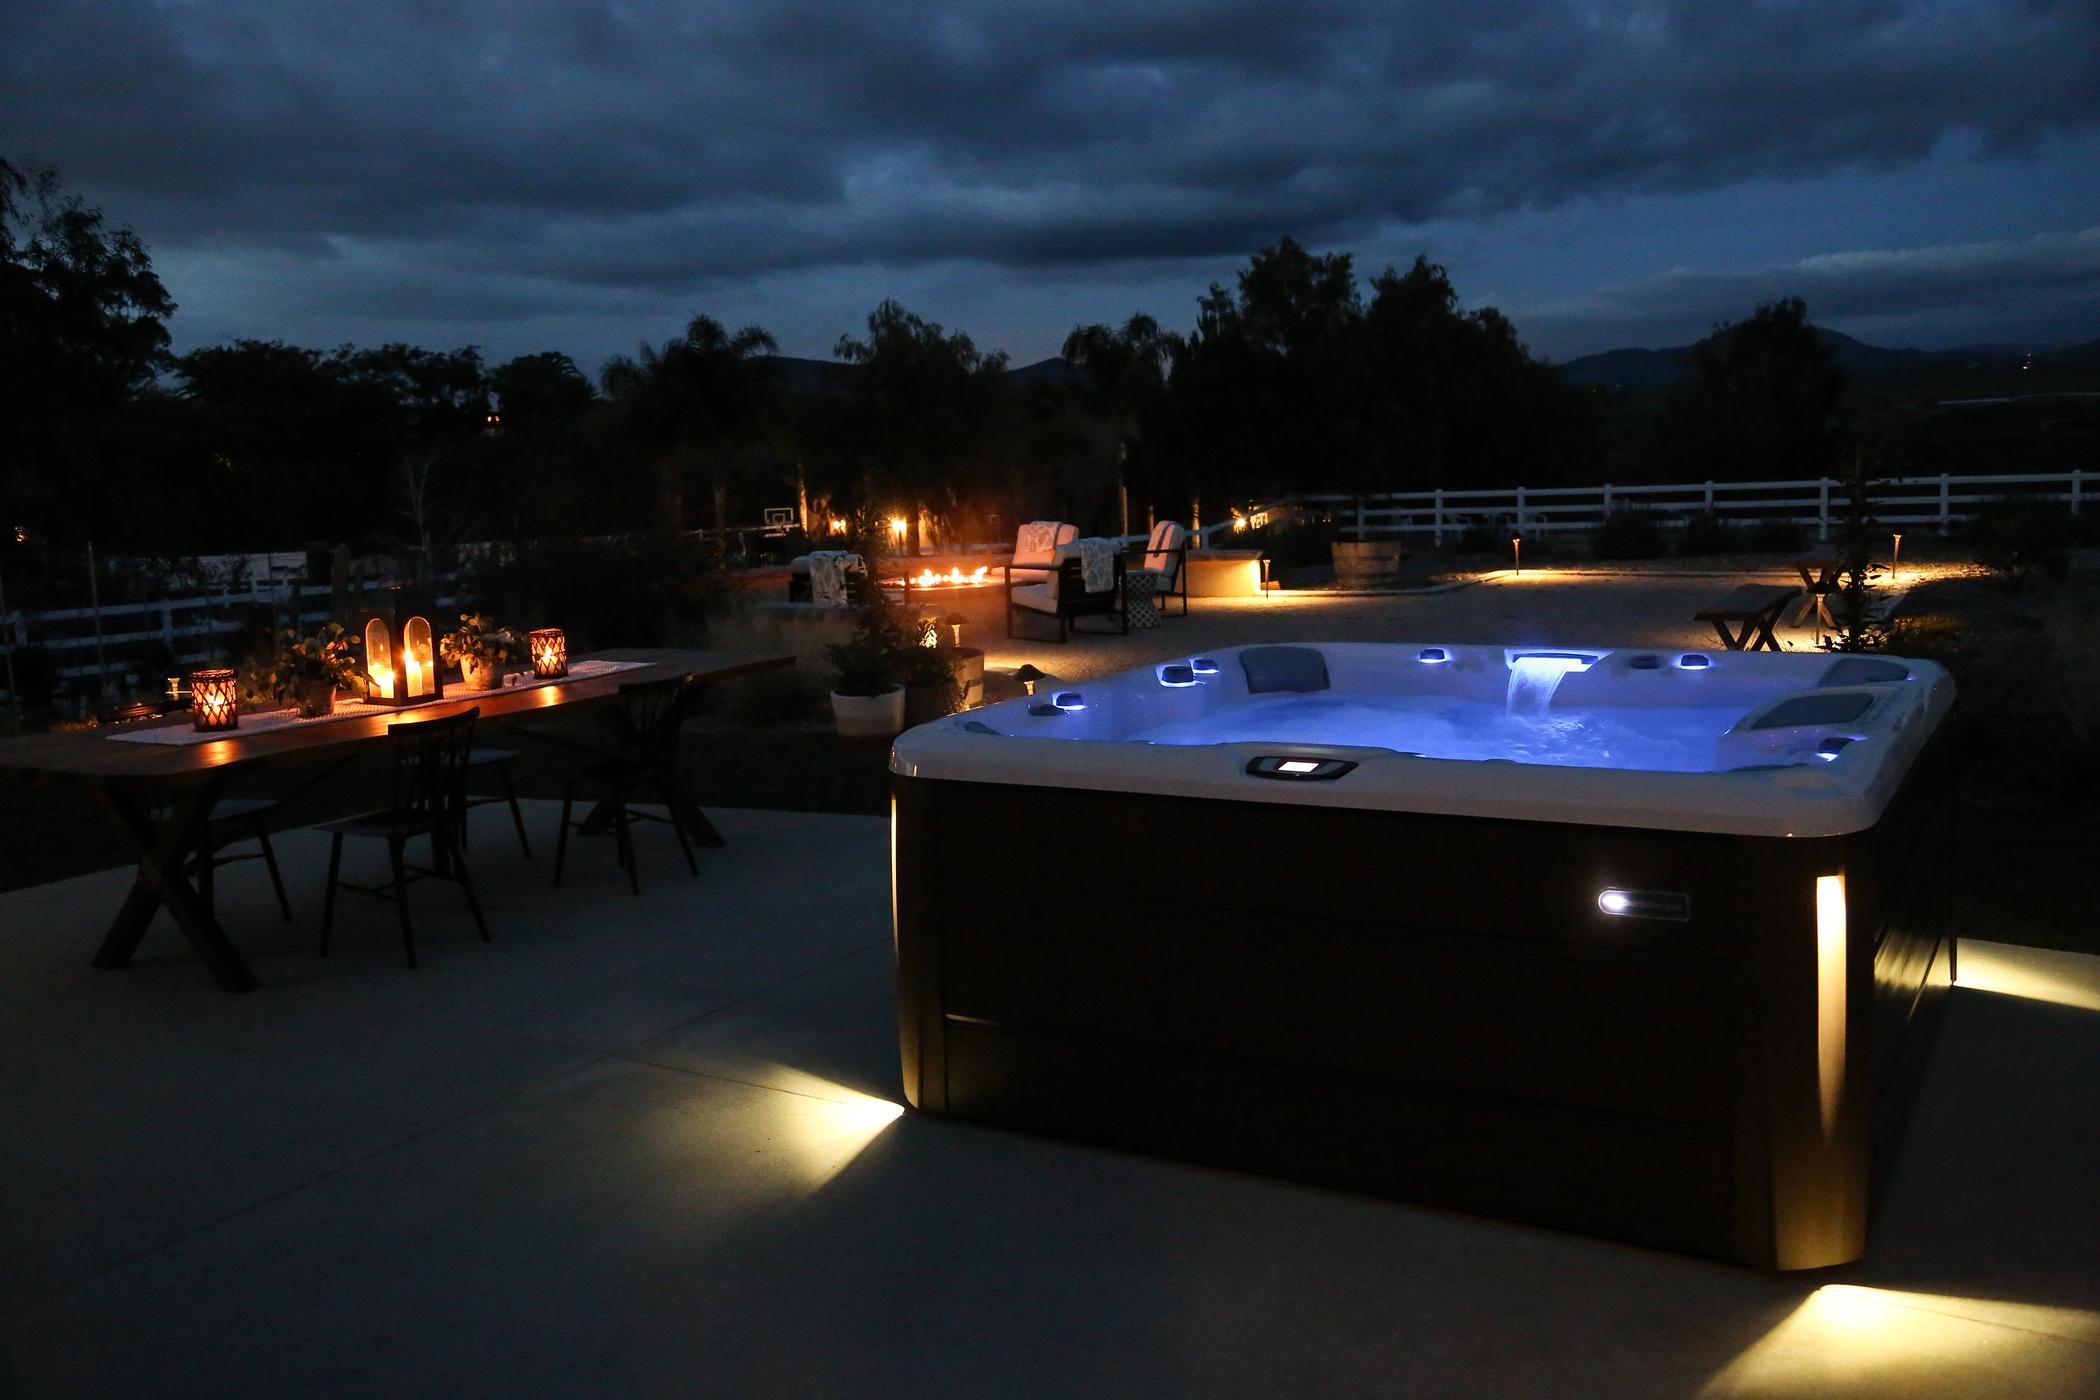 Outdoor hot tub at night.